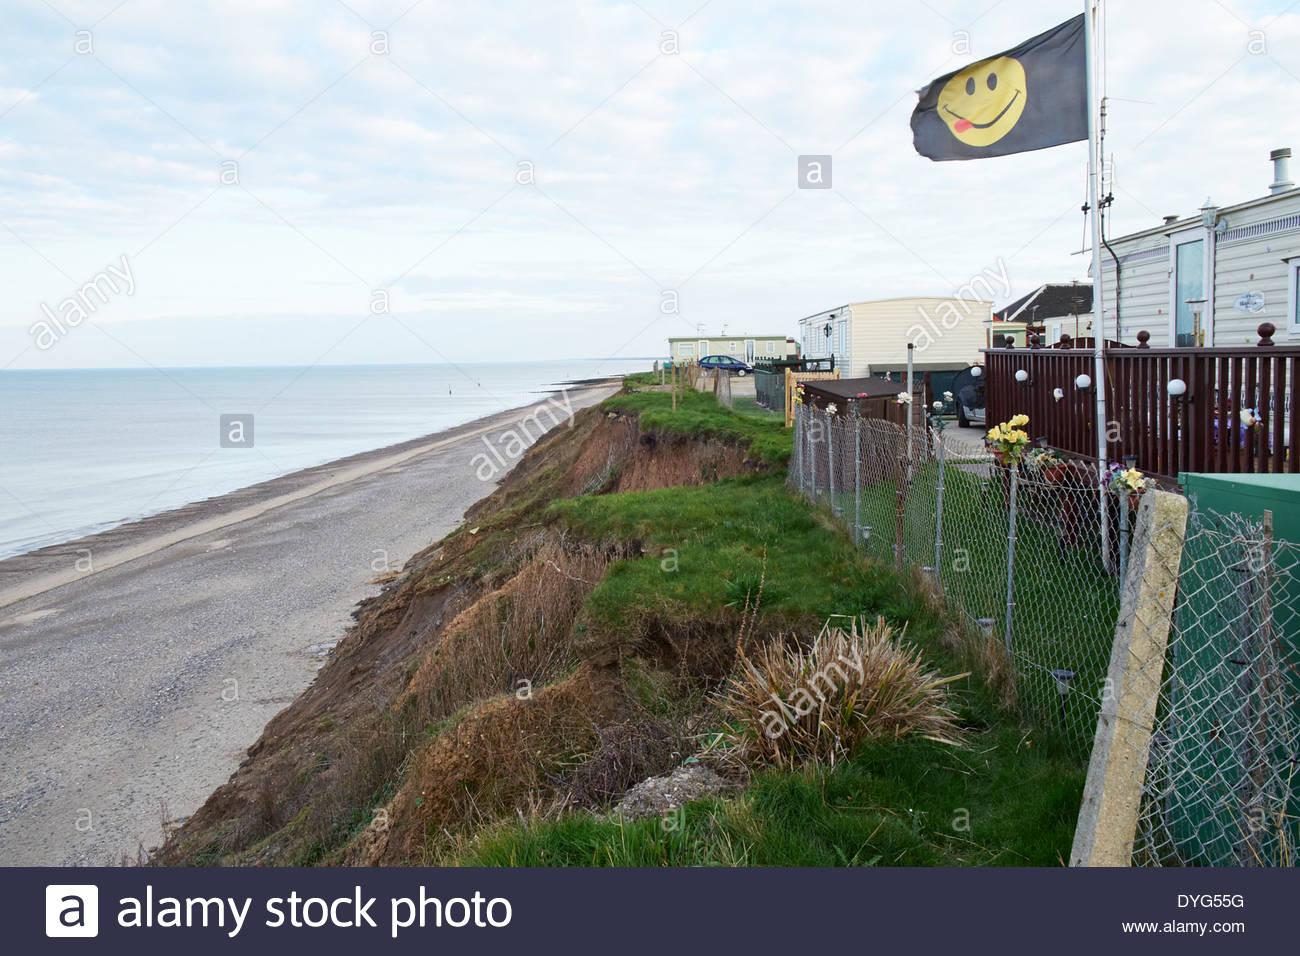 Casas Móviles en campamento bajo la amenaza de erosión, landslip. Acantilados de arcilla en Hornsea Holderness, Costa - erosión por acción del mar Imagen De Stock